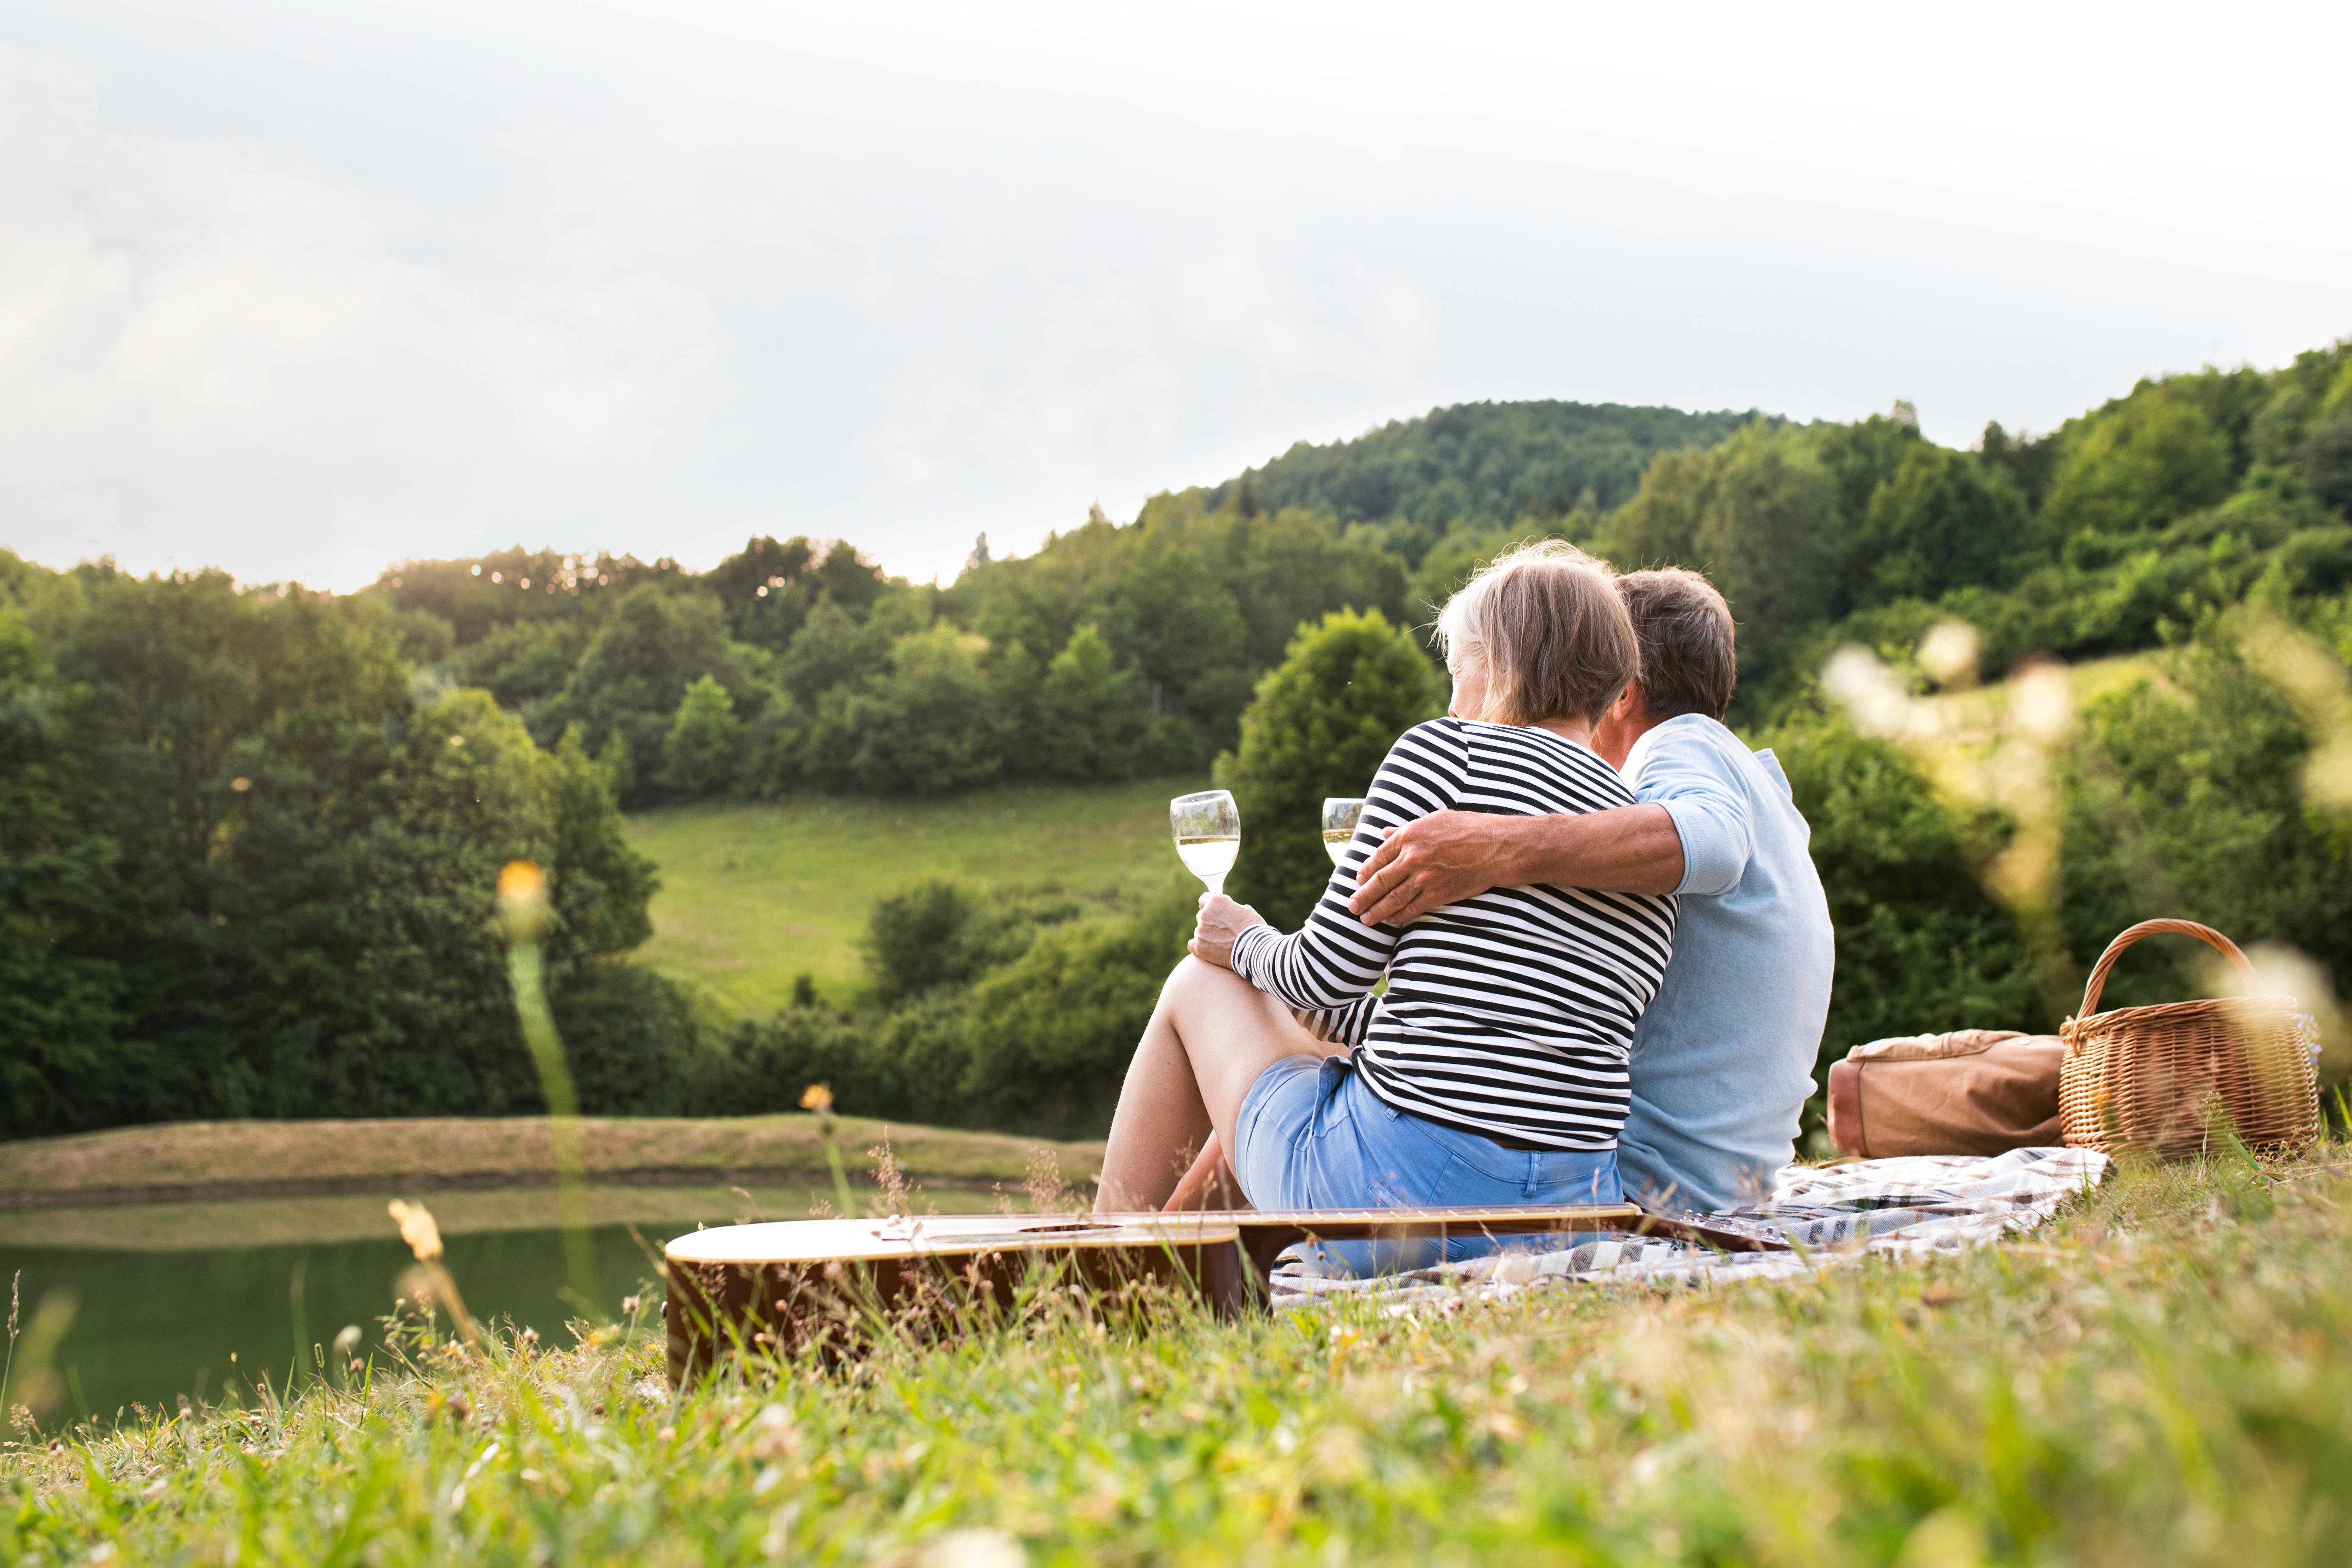 Senior couple at the lake having a picnic